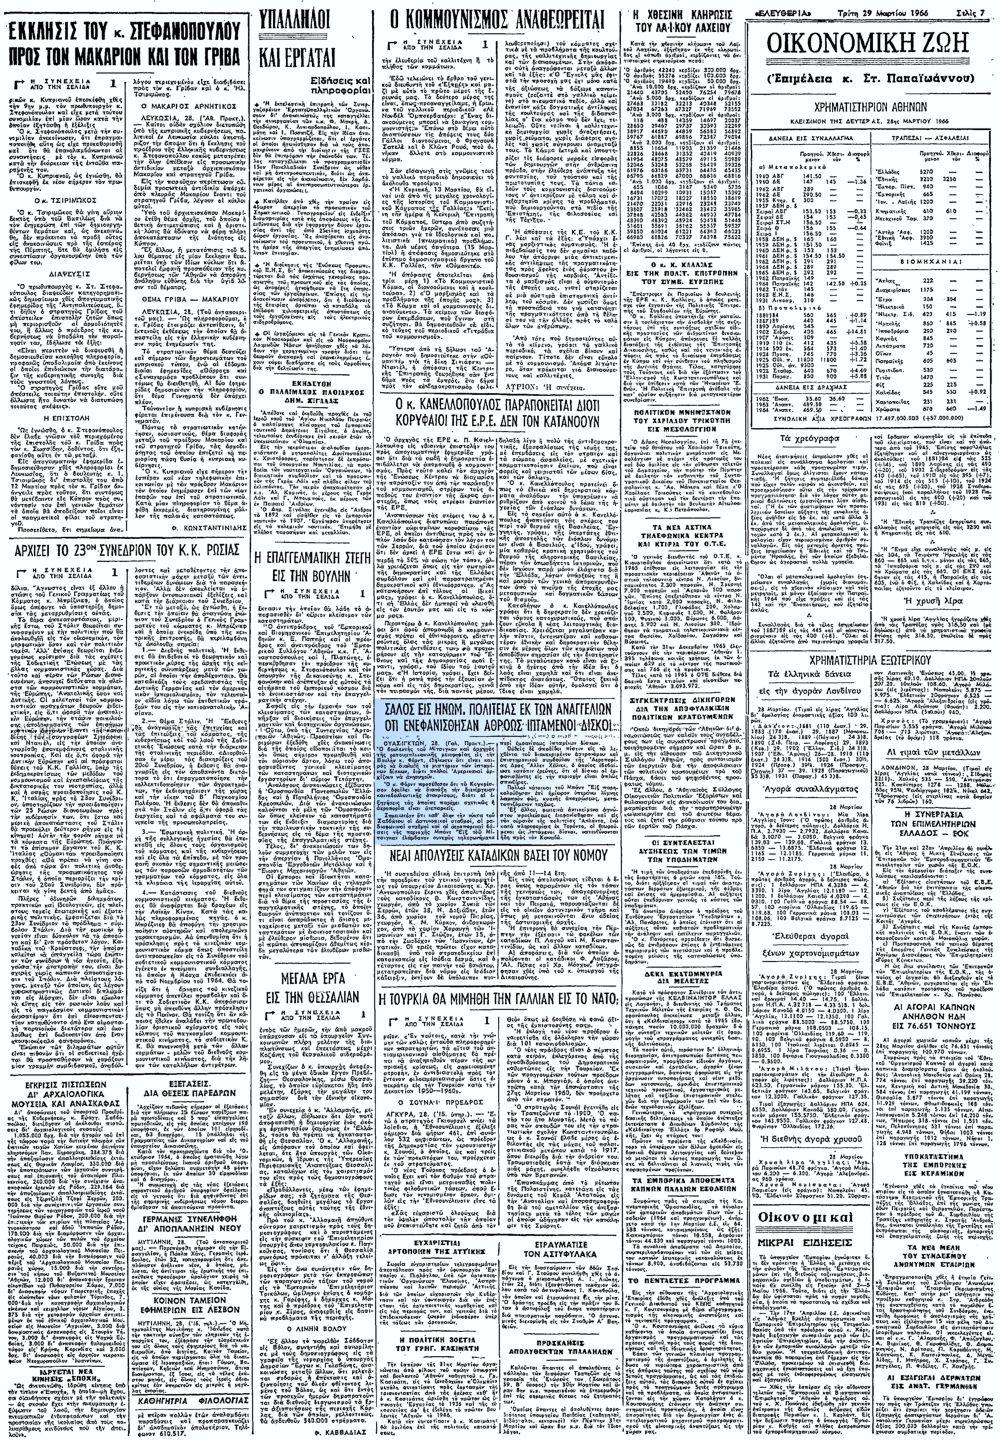 """Το άρθρο, όπως δημοσιεύθηκε στην εφημερίδα """"ΕΛΕΥΘΕΡΙΑ"""", στις 29/03/1966"""